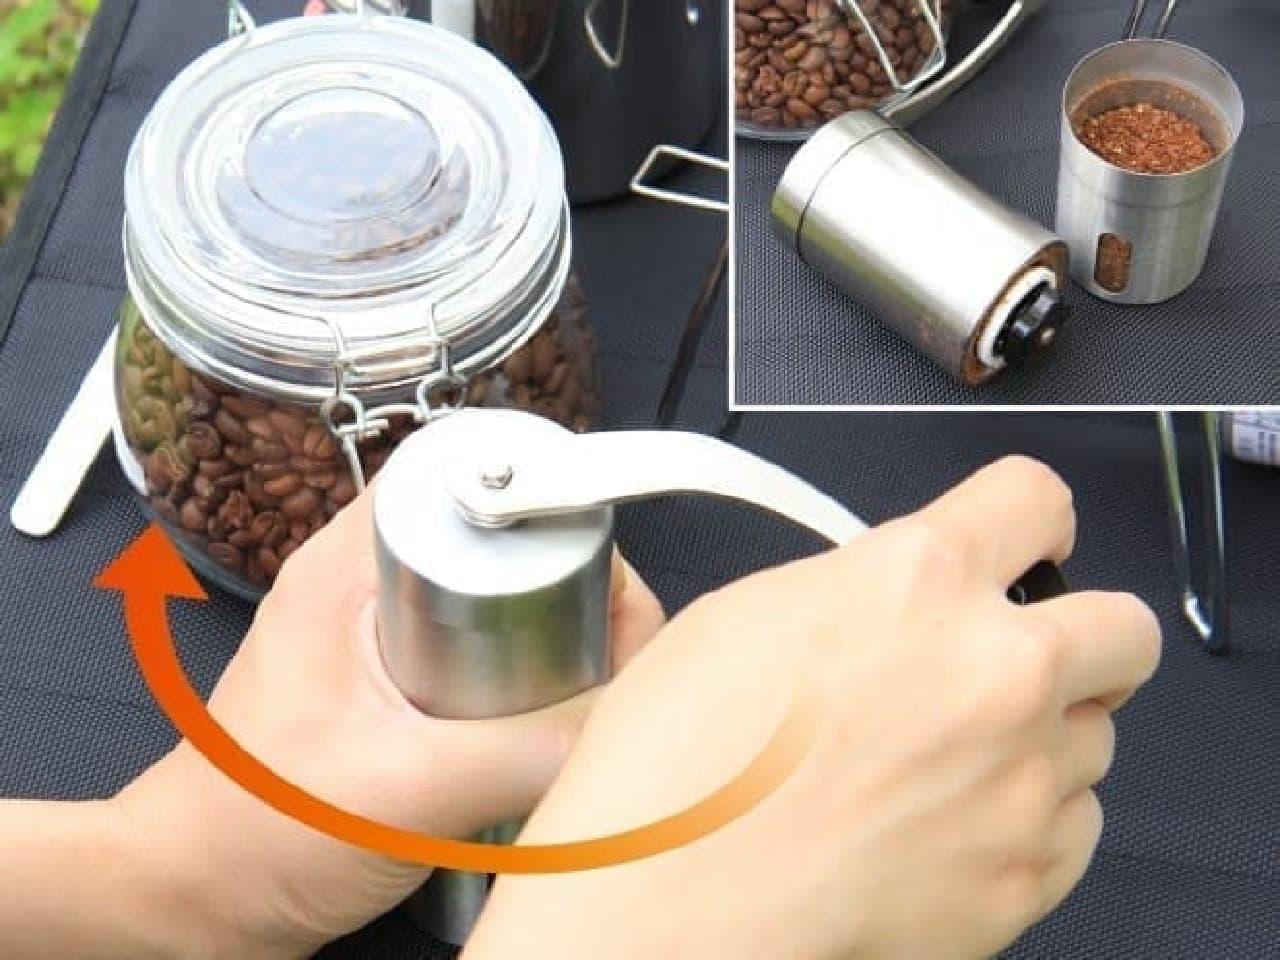 コーヒー豆をグラインド